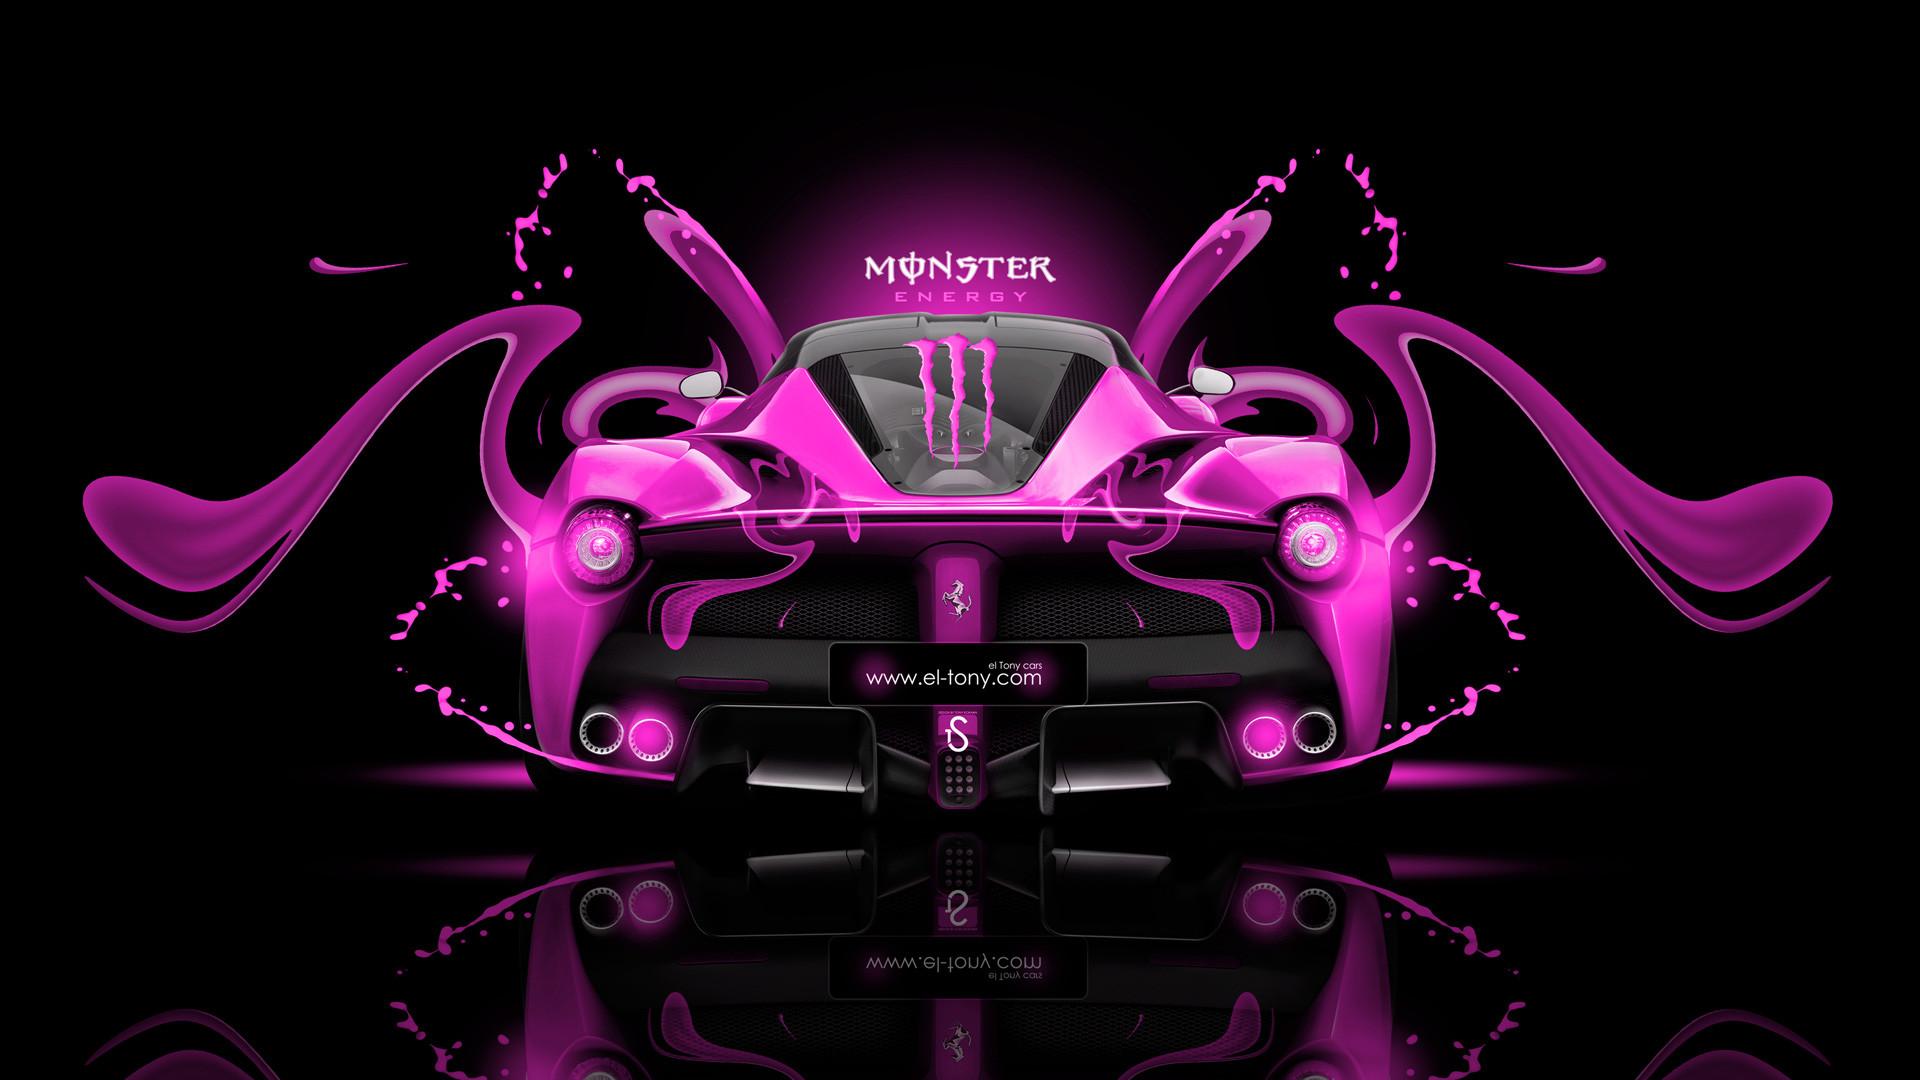 Supercross Girl Wallpaper Hd Monster Energy Drink Logo Wallpaper 66 Images